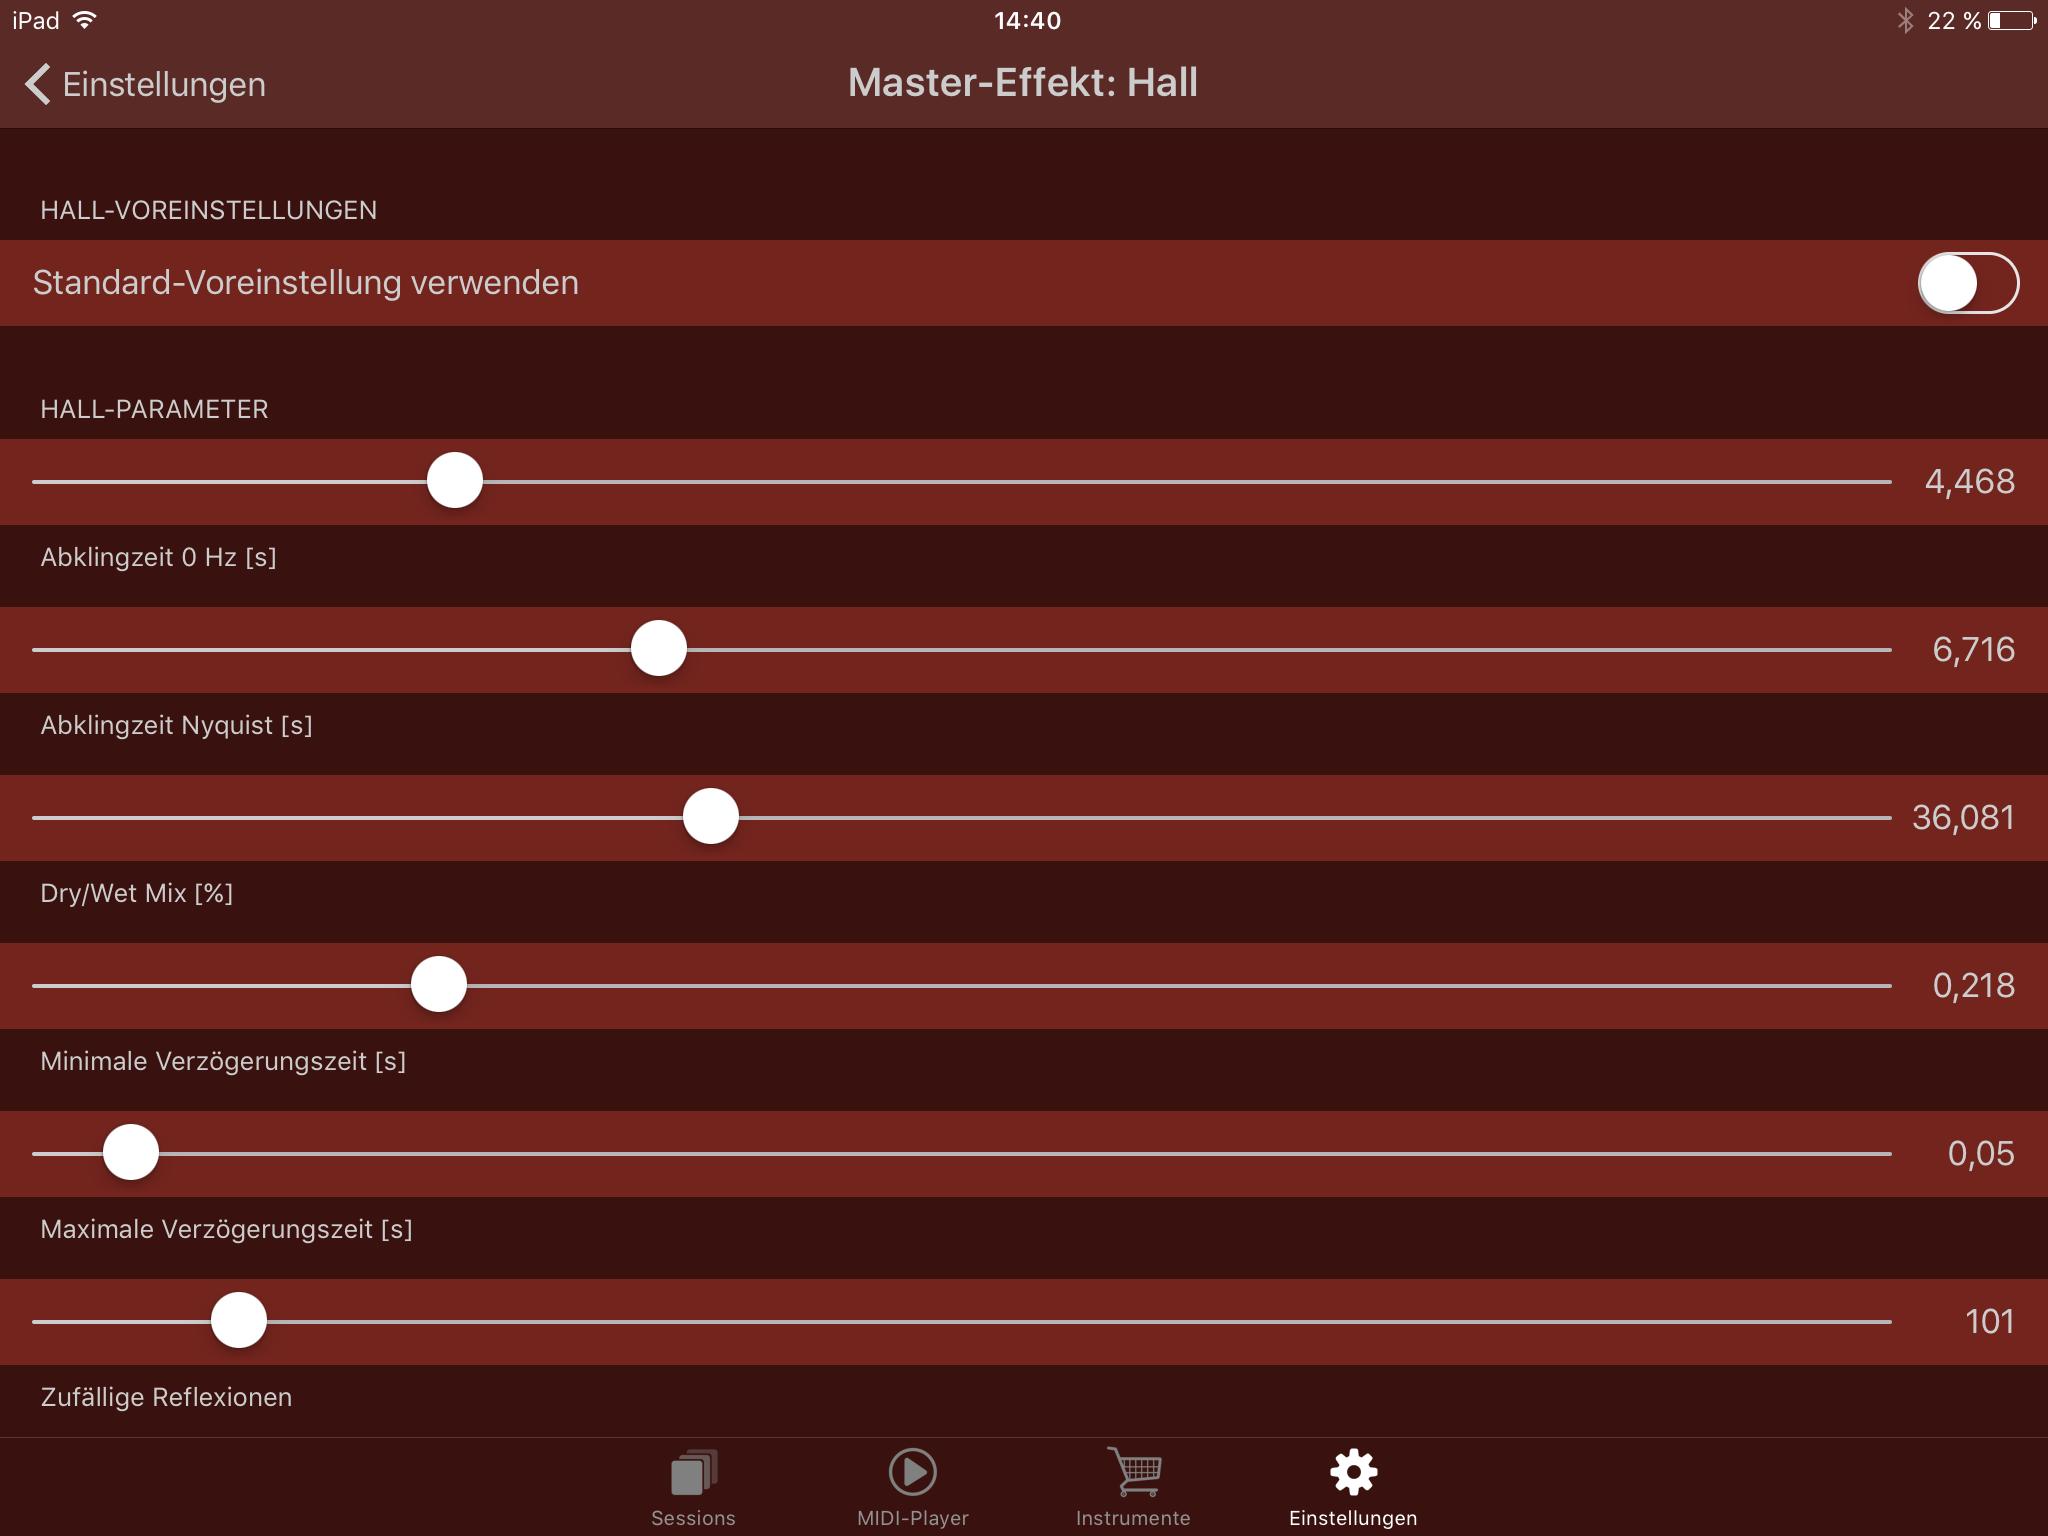 Master-Effekt: Hall Turbosounds-App Einstellung